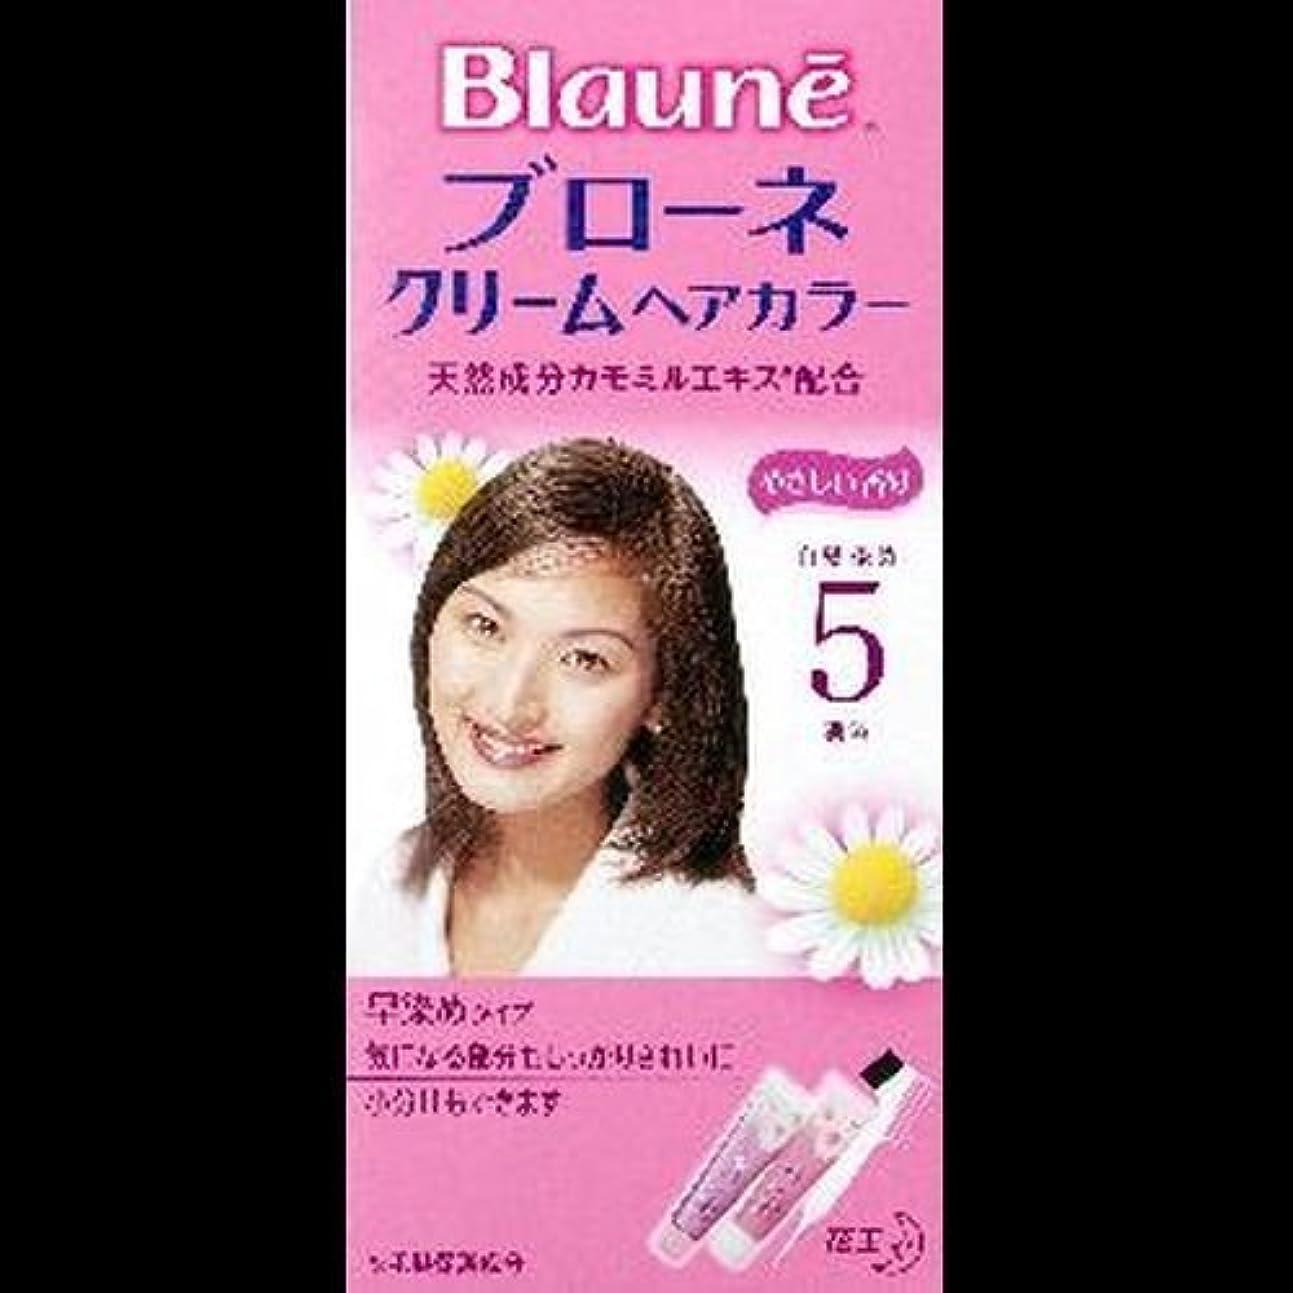 人気ネックレス反射【まとめ買い】ブローネクリームヘアカラー 5 栗色 ×2セット